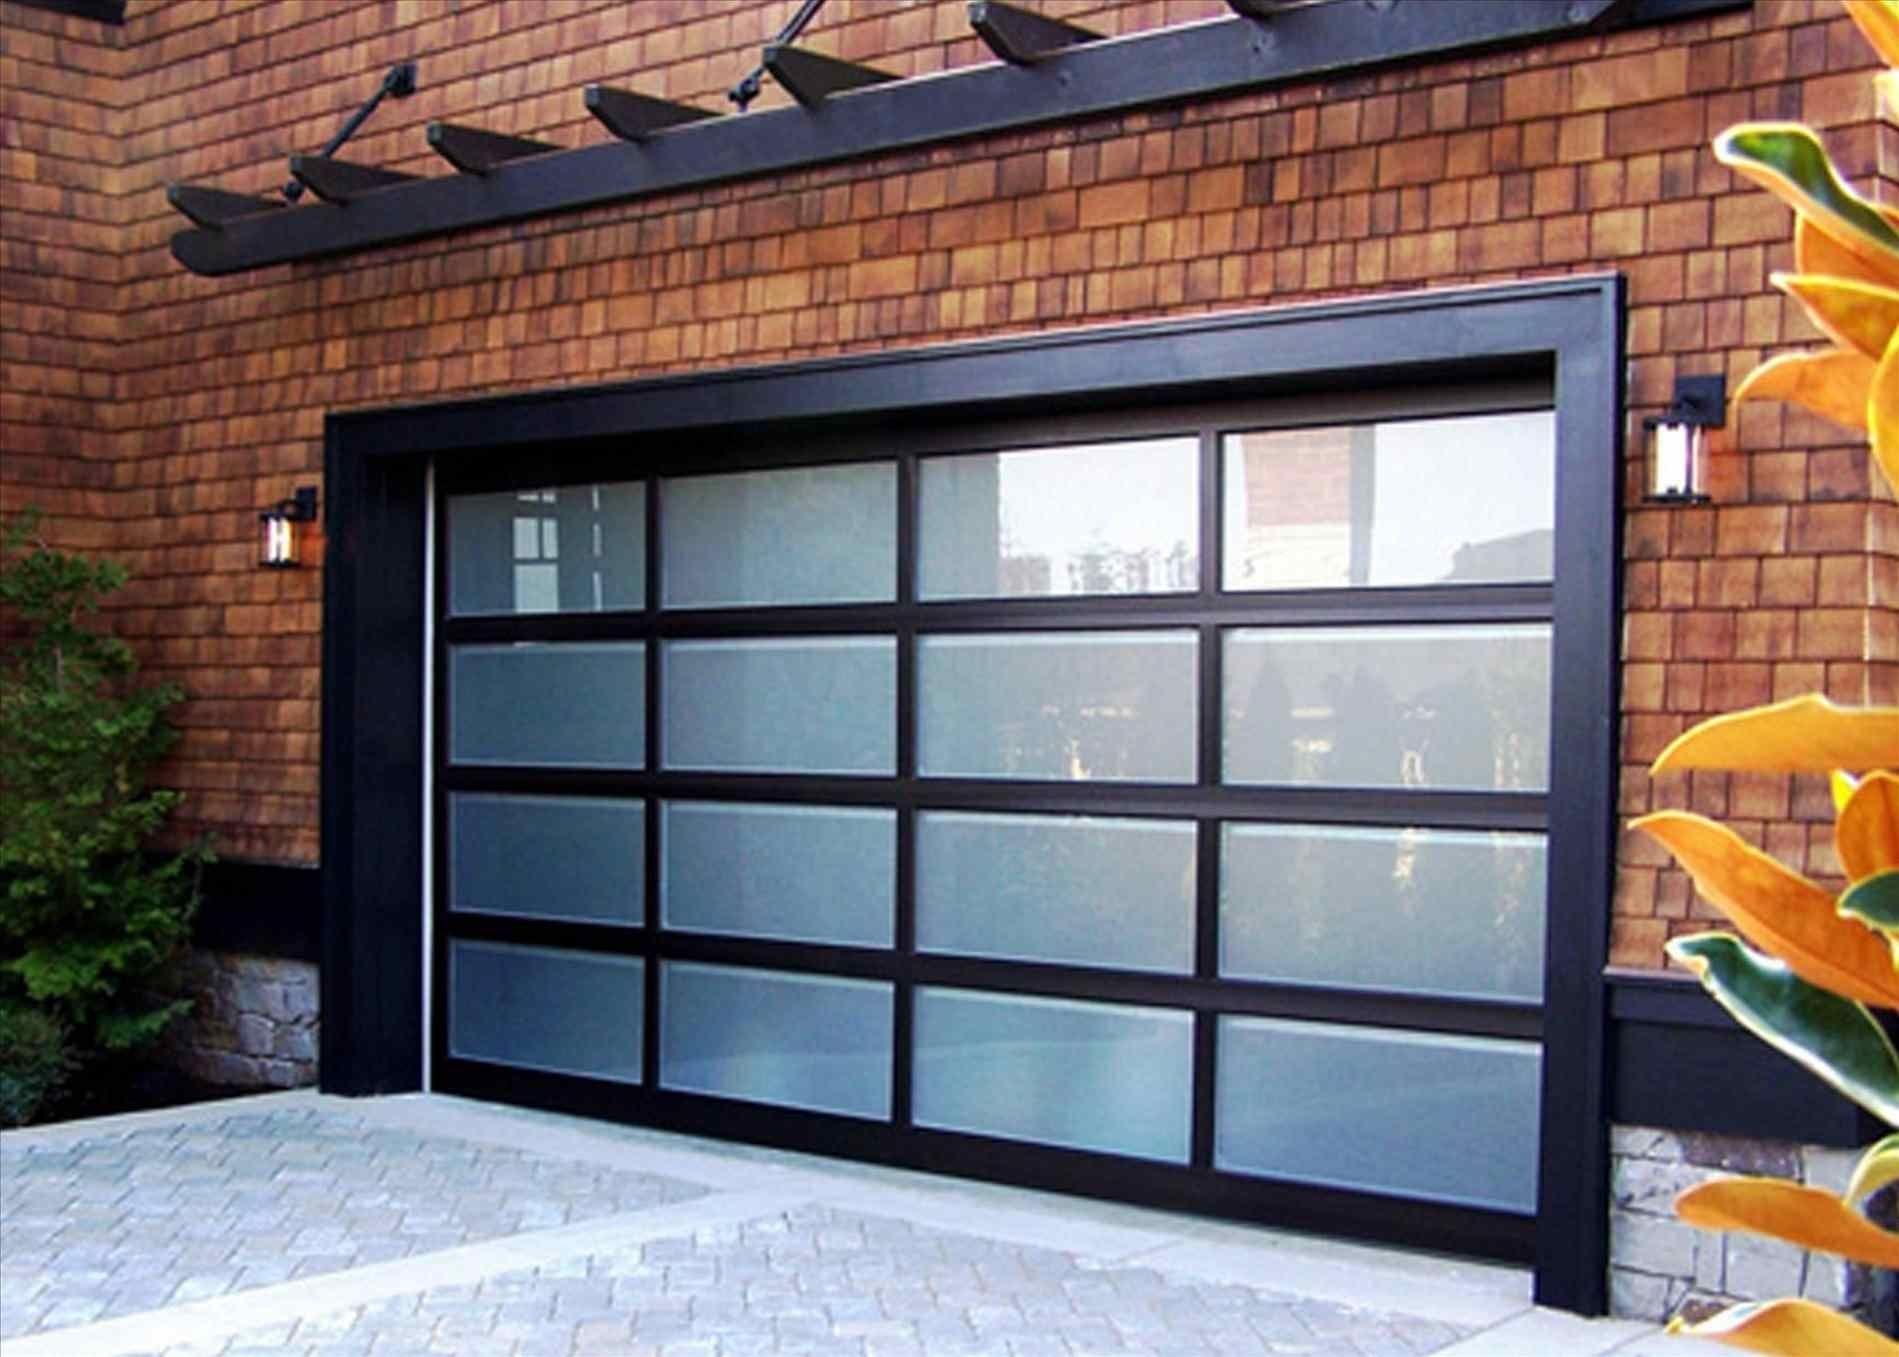 australia design hardware door hardwarebi ideas garage horizontal doors bifold fold home